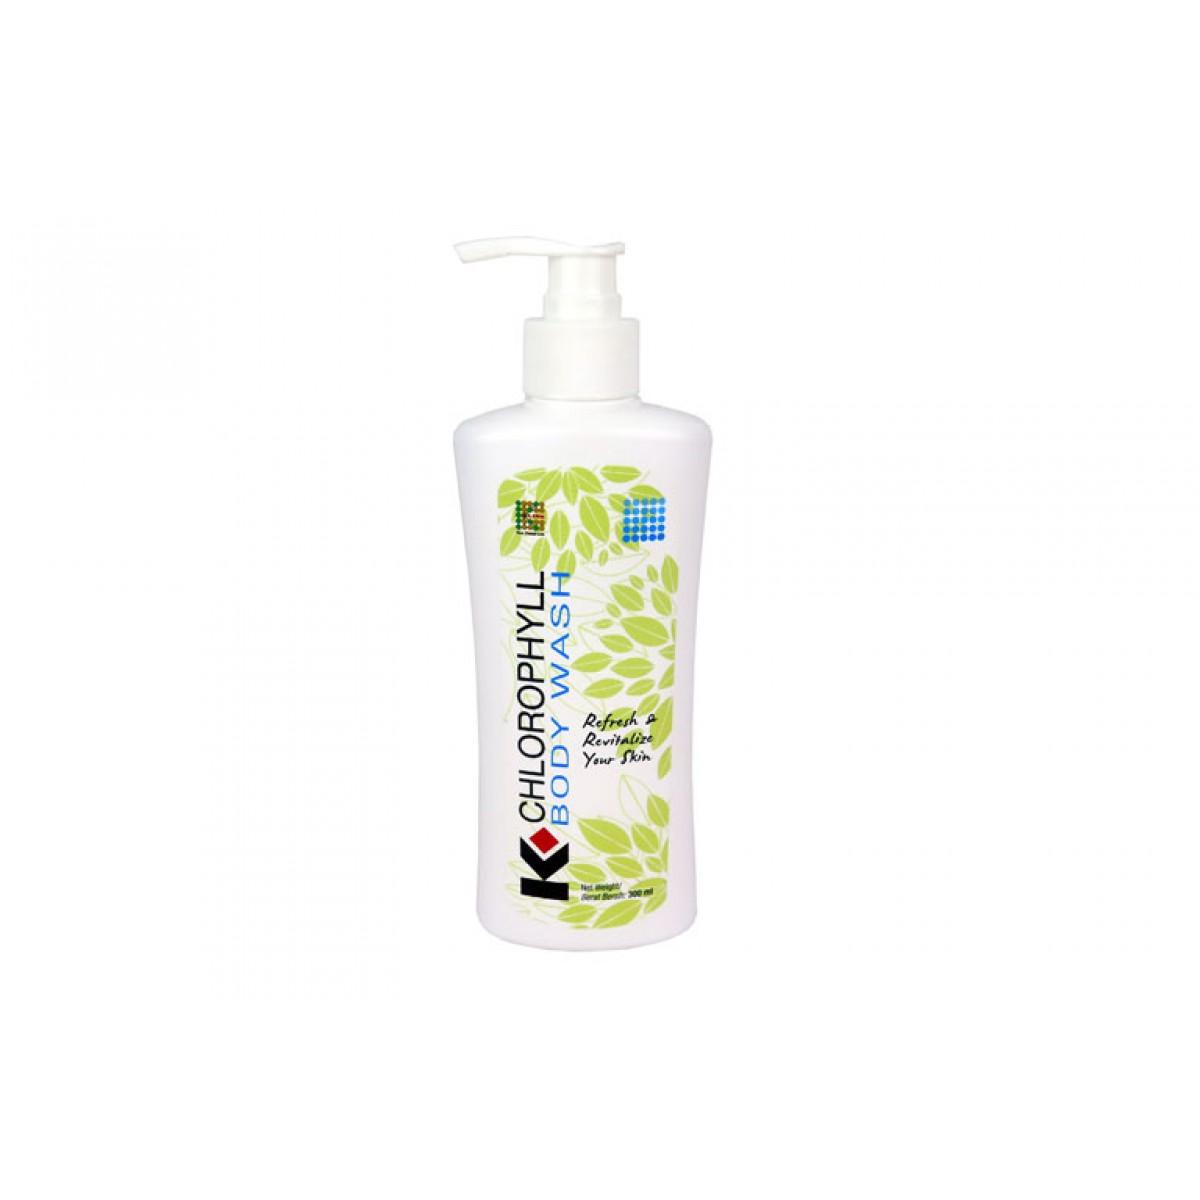 K-Chlorophyll Body Wash